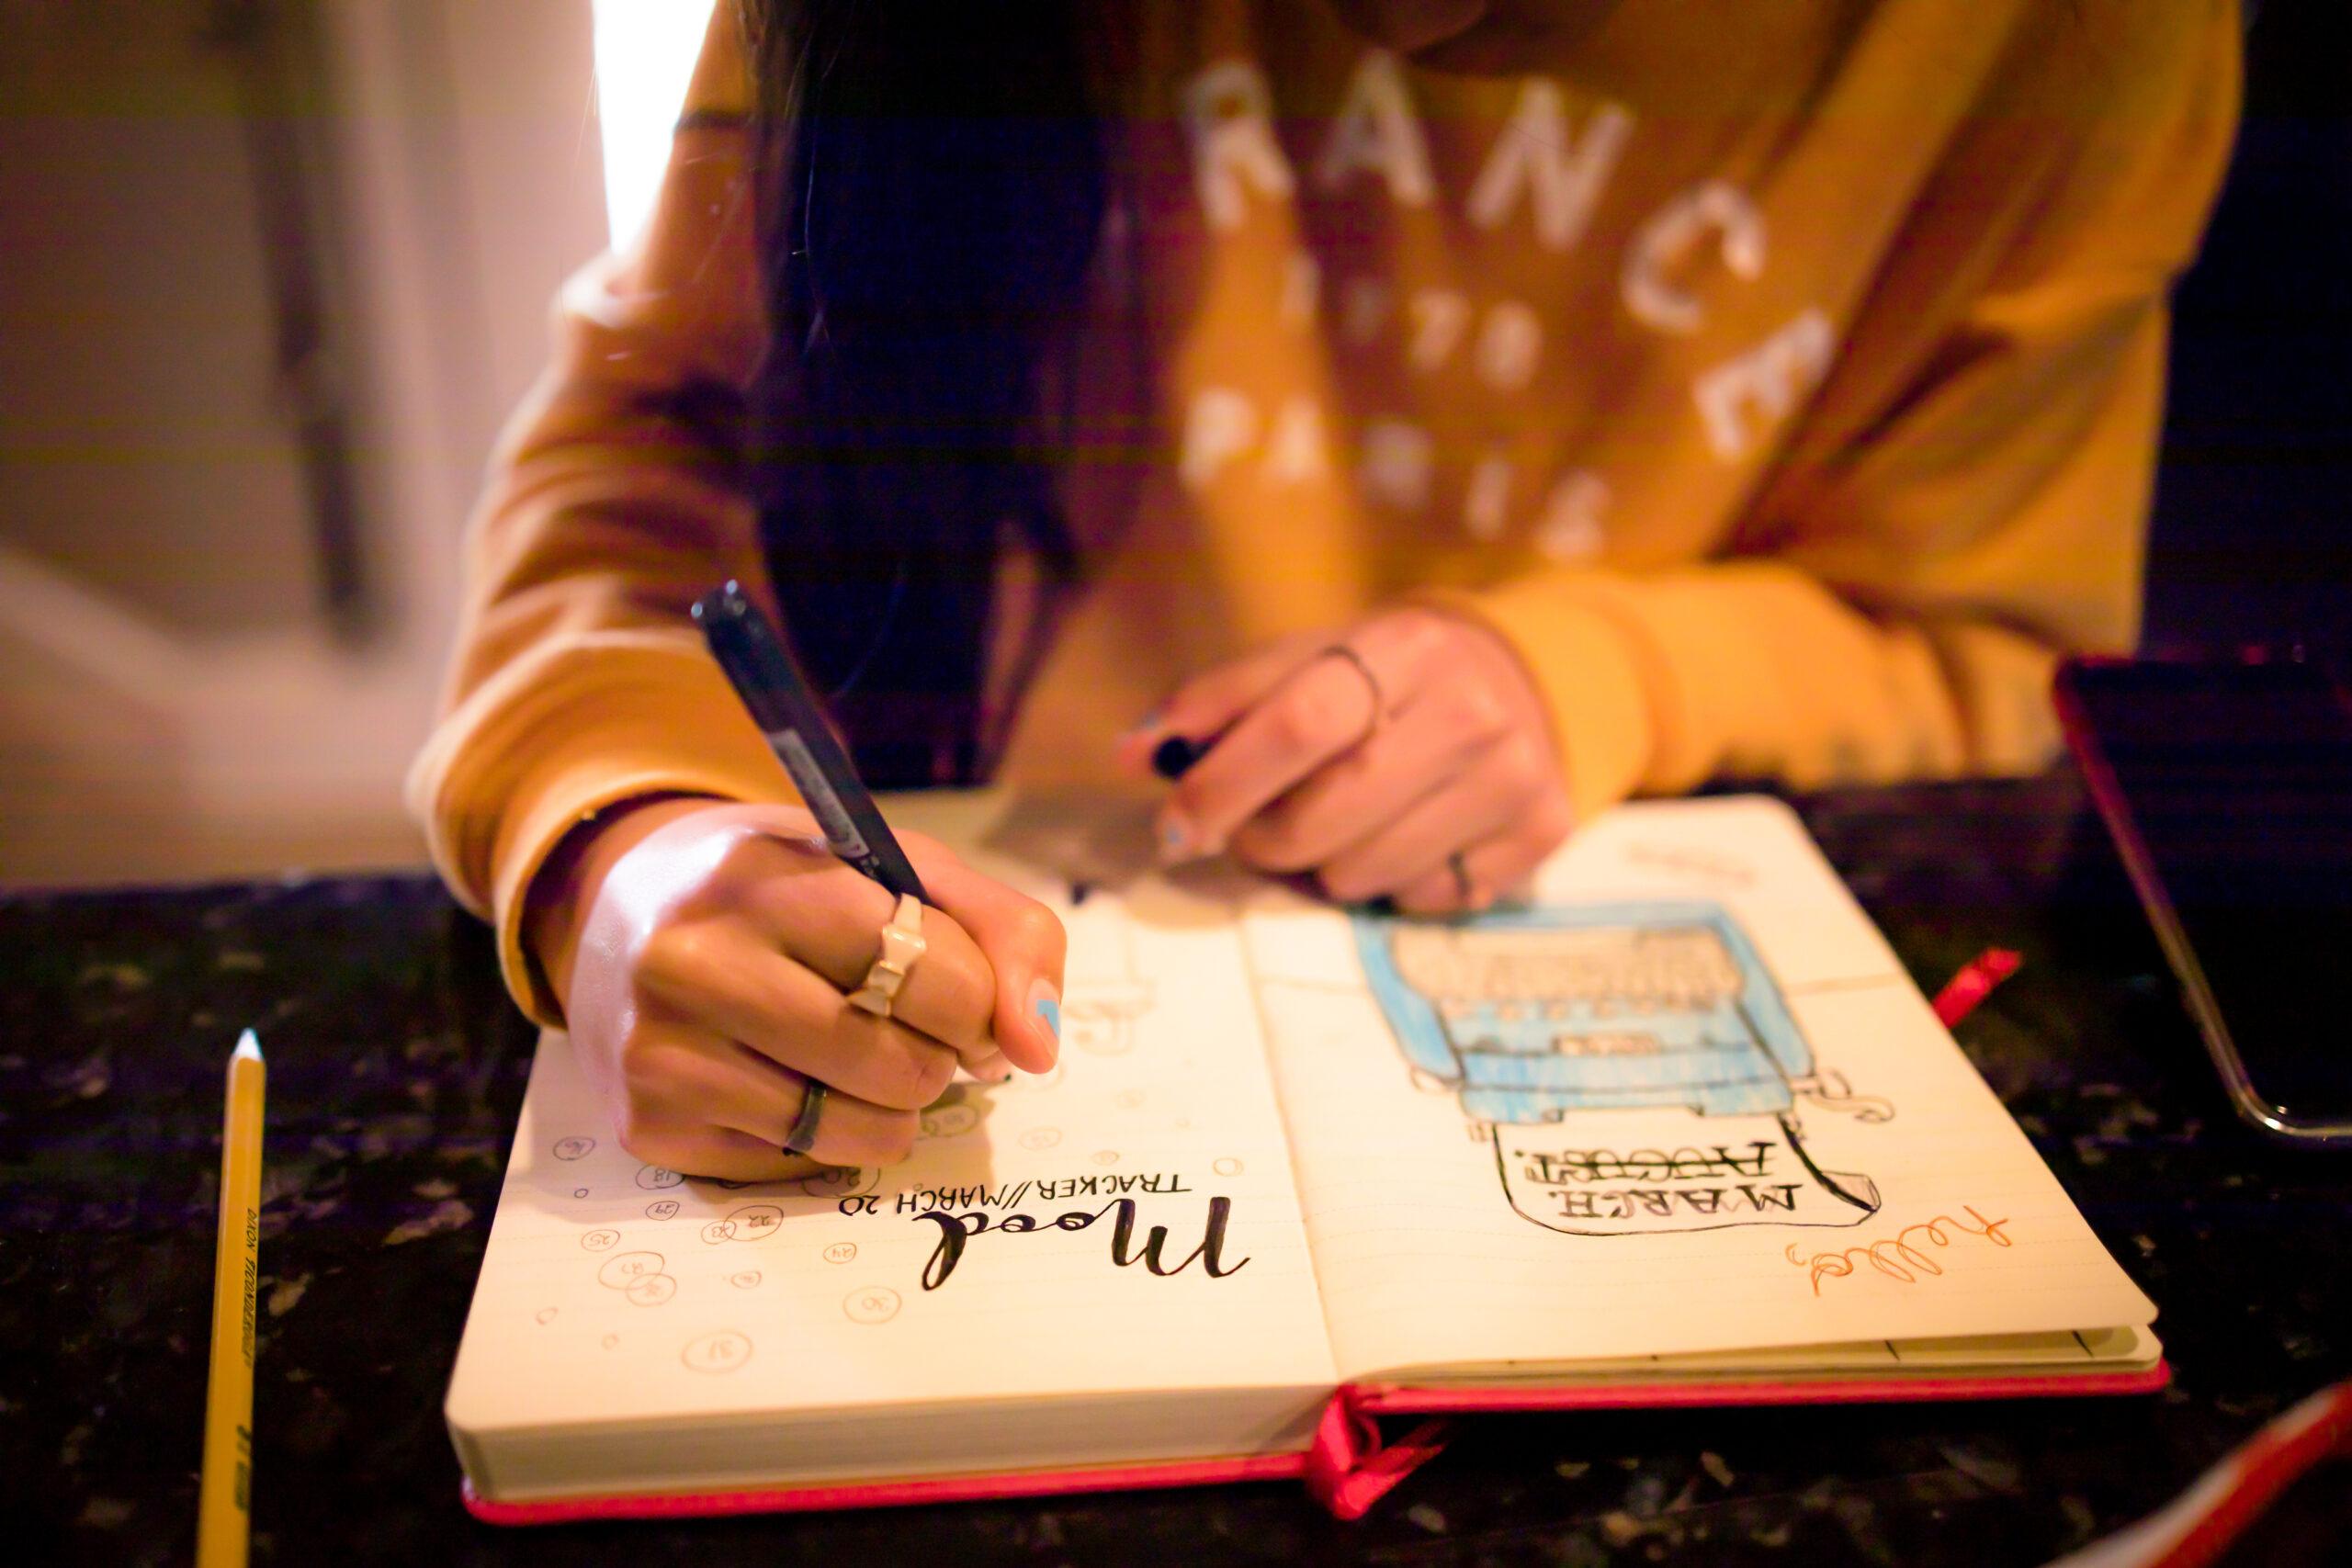 心に残った言葉や自分の考えを書き込む